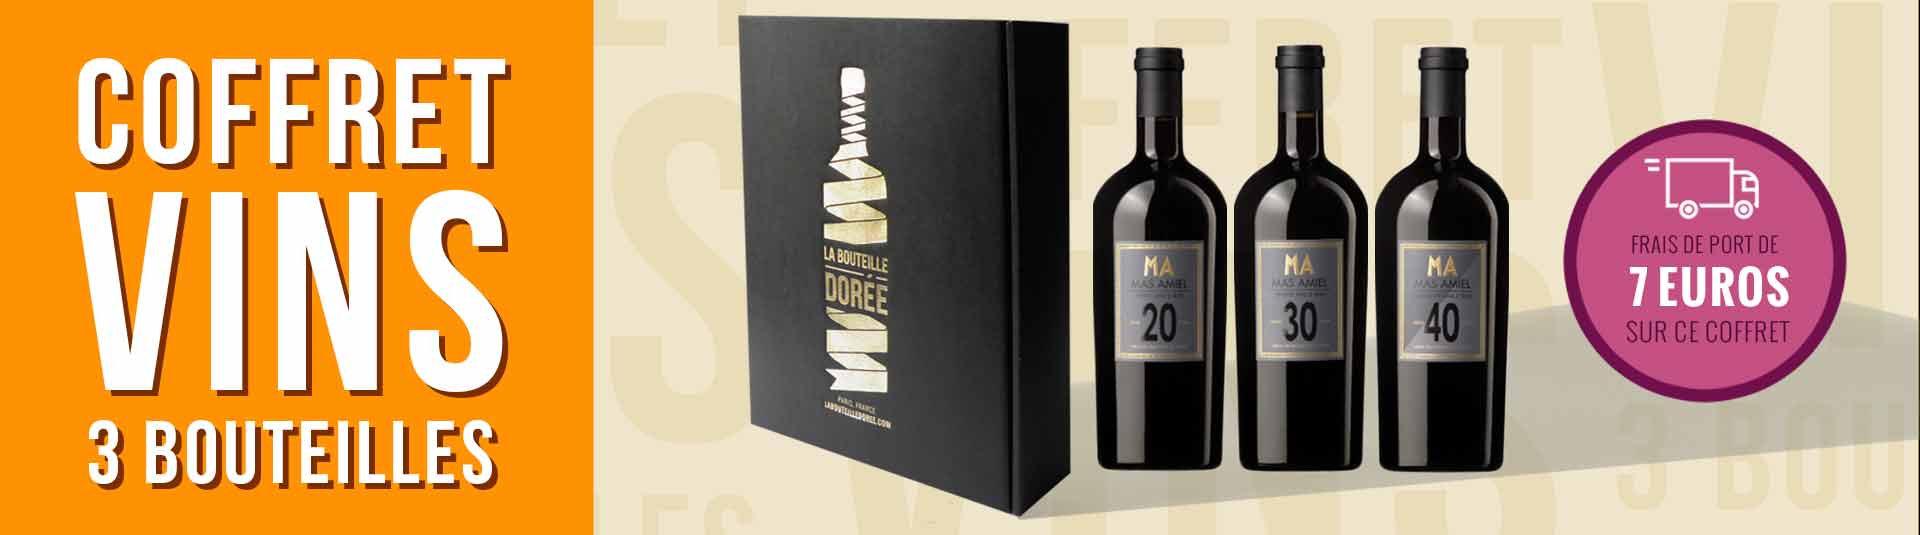 coffret vin Maury 20, 30 et 40 ans d'âge 3 bouteilles